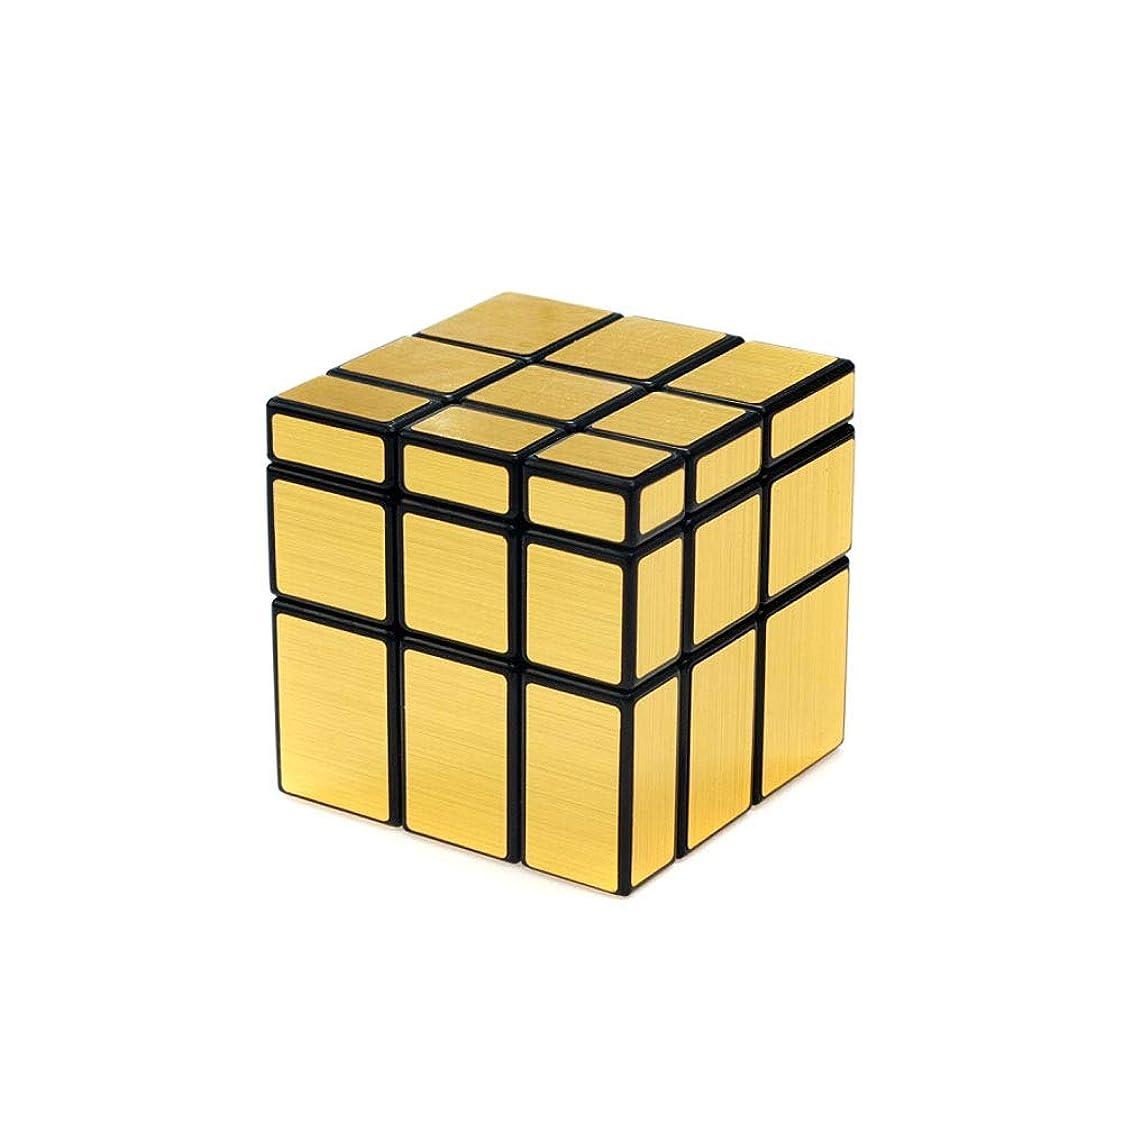 サワー比較免疫Fengshangshanghang 滑らかな品質のルービックキューブを使用したルービックキューブ、安全で環境に優しいデザインスタイル、安全で環境に優しい、贈り物として使用することができます 大気ファッション (Edition : Third order)